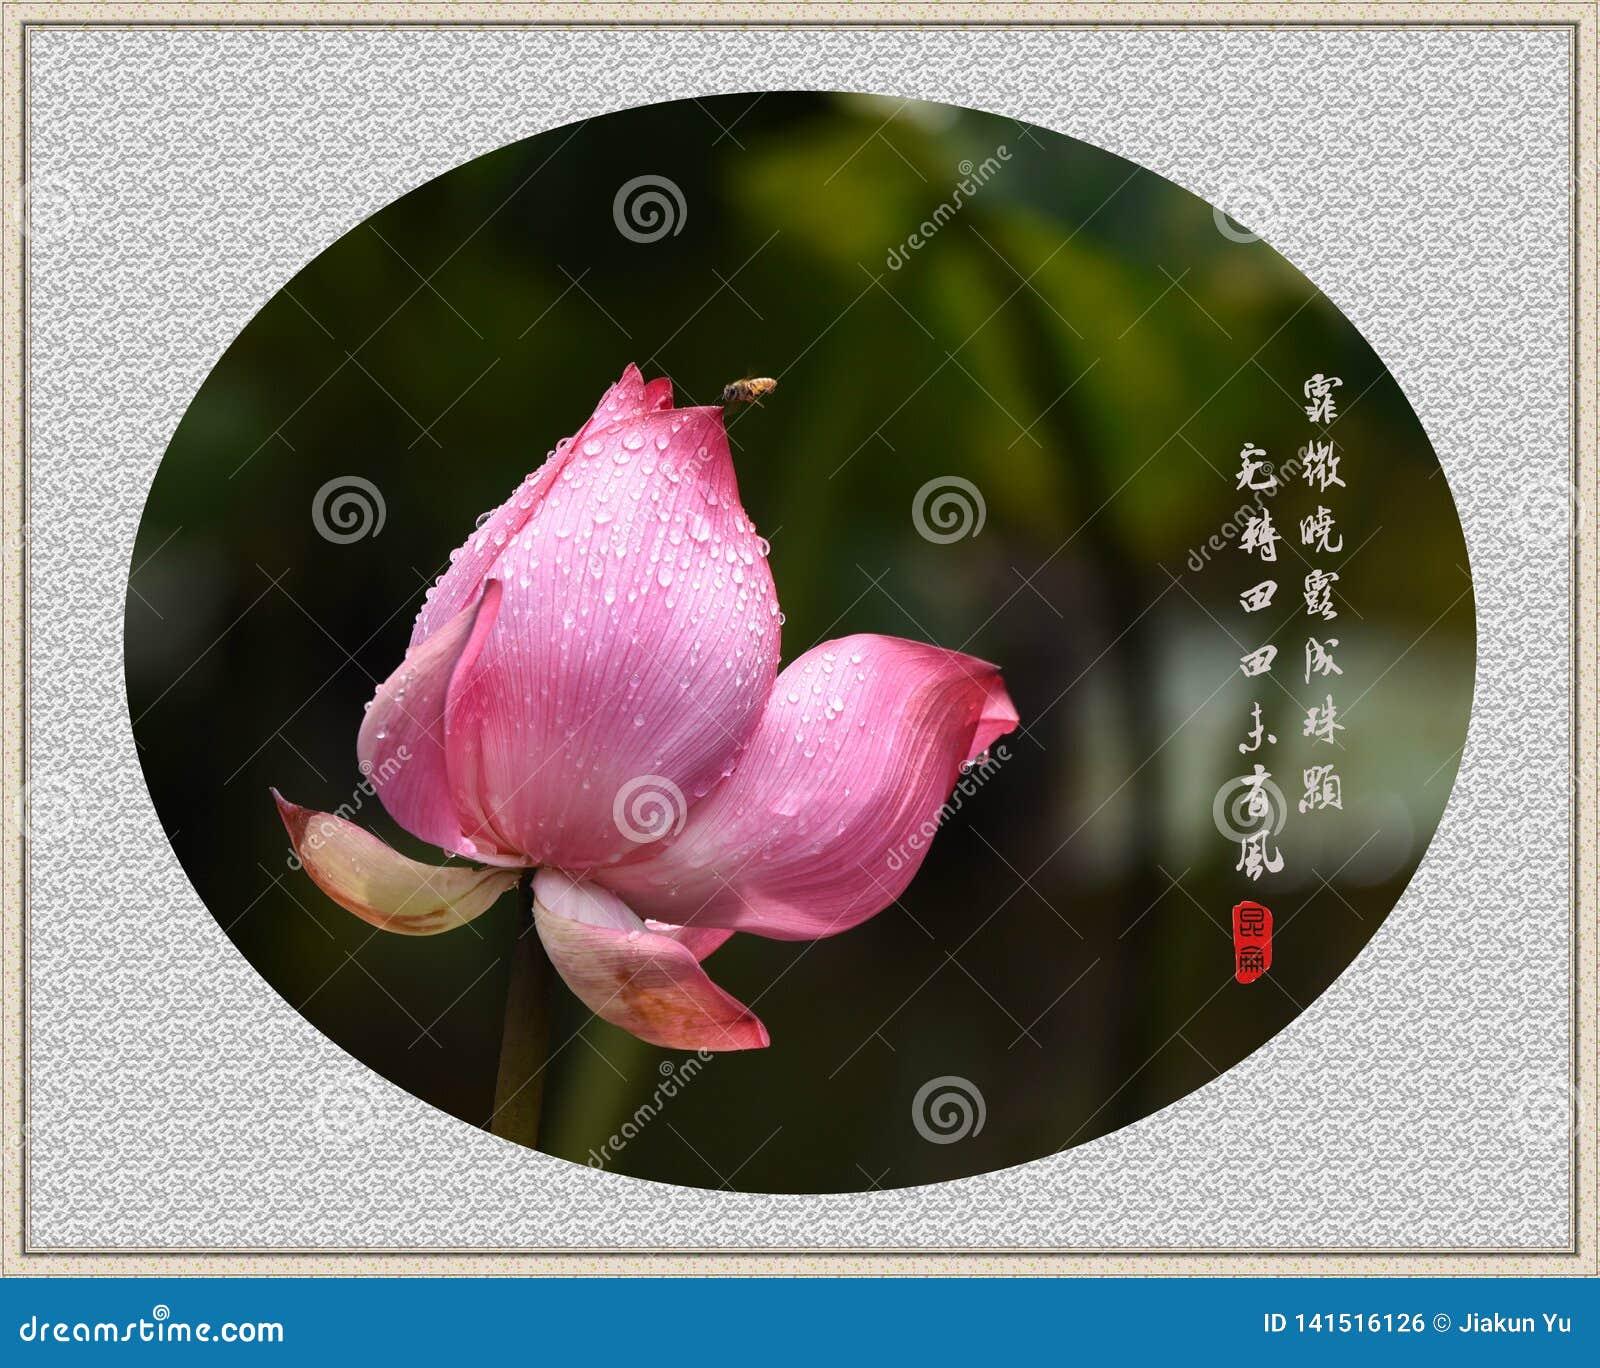 лотос и пчела с классической китайской поэзией, стилем китайской росписи традиционного китайского